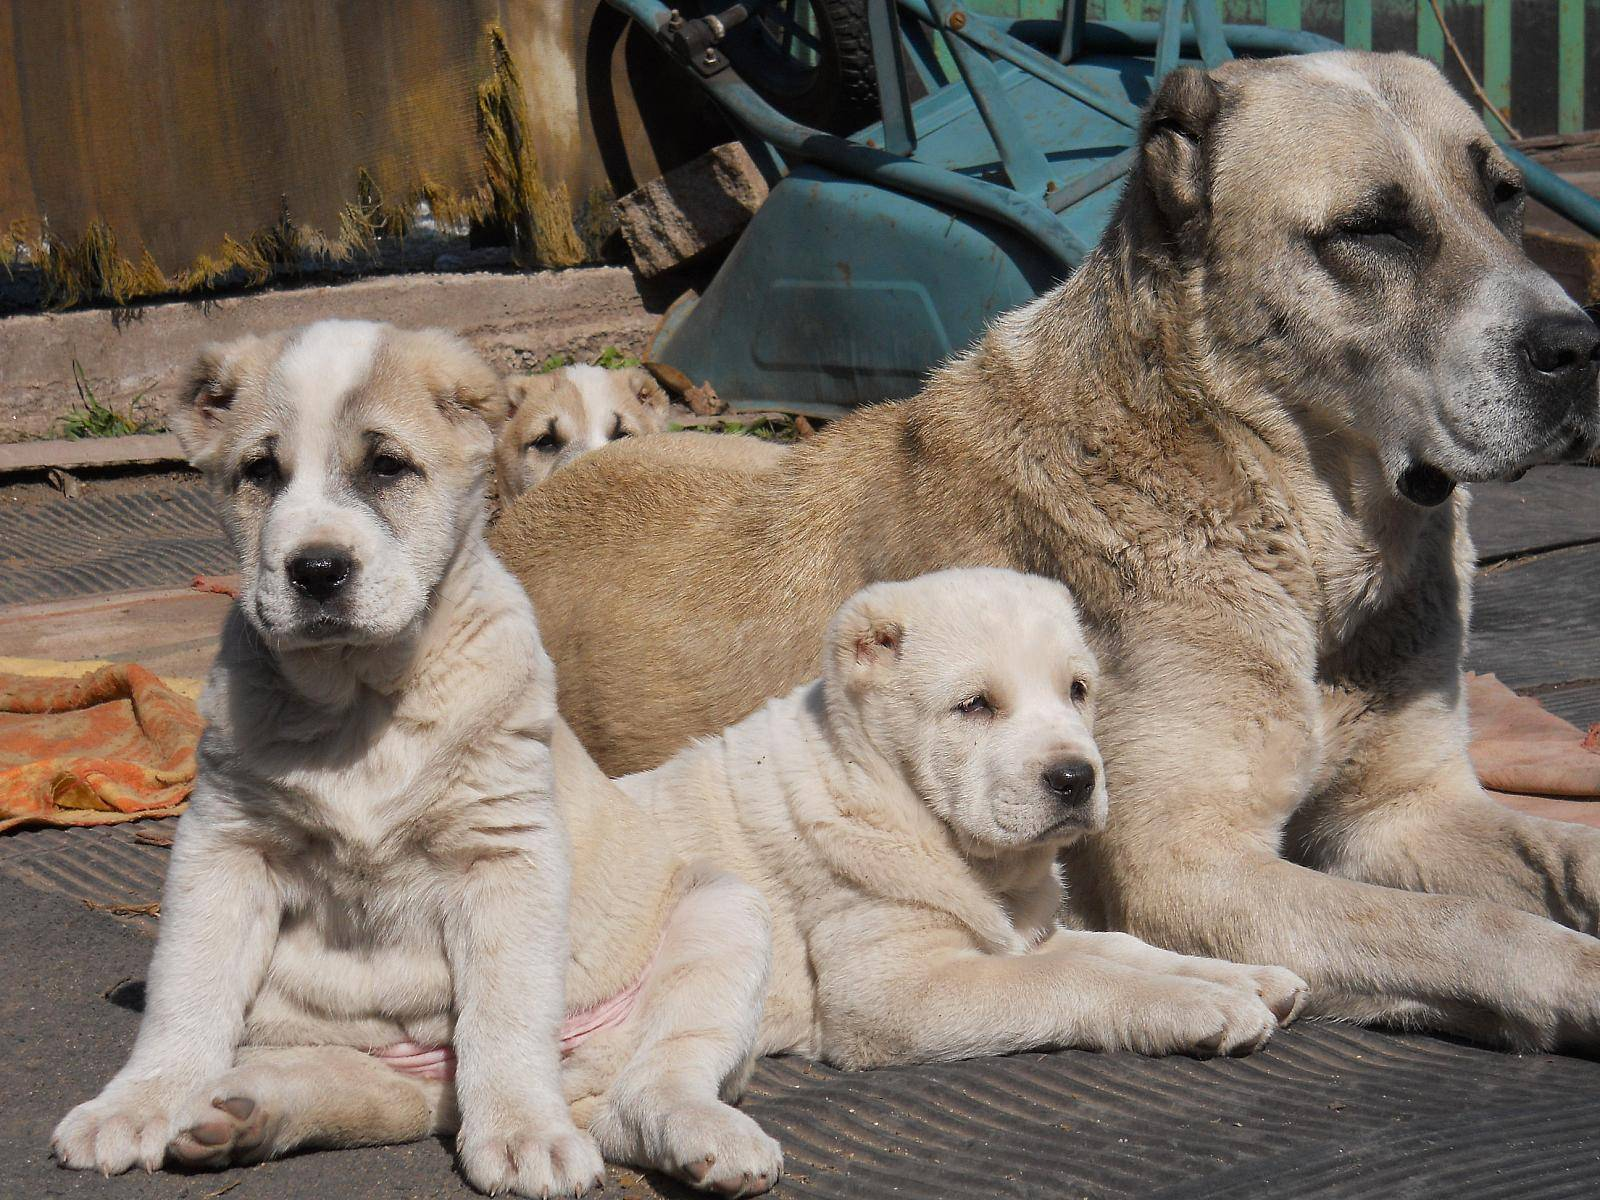 Щенки алабая: описание и фото в 1, 2 месяца и почти взрослой собаки, цена маленькой среднеазиатской овчарки в россии, а также сколько стоит сао за рубежом?